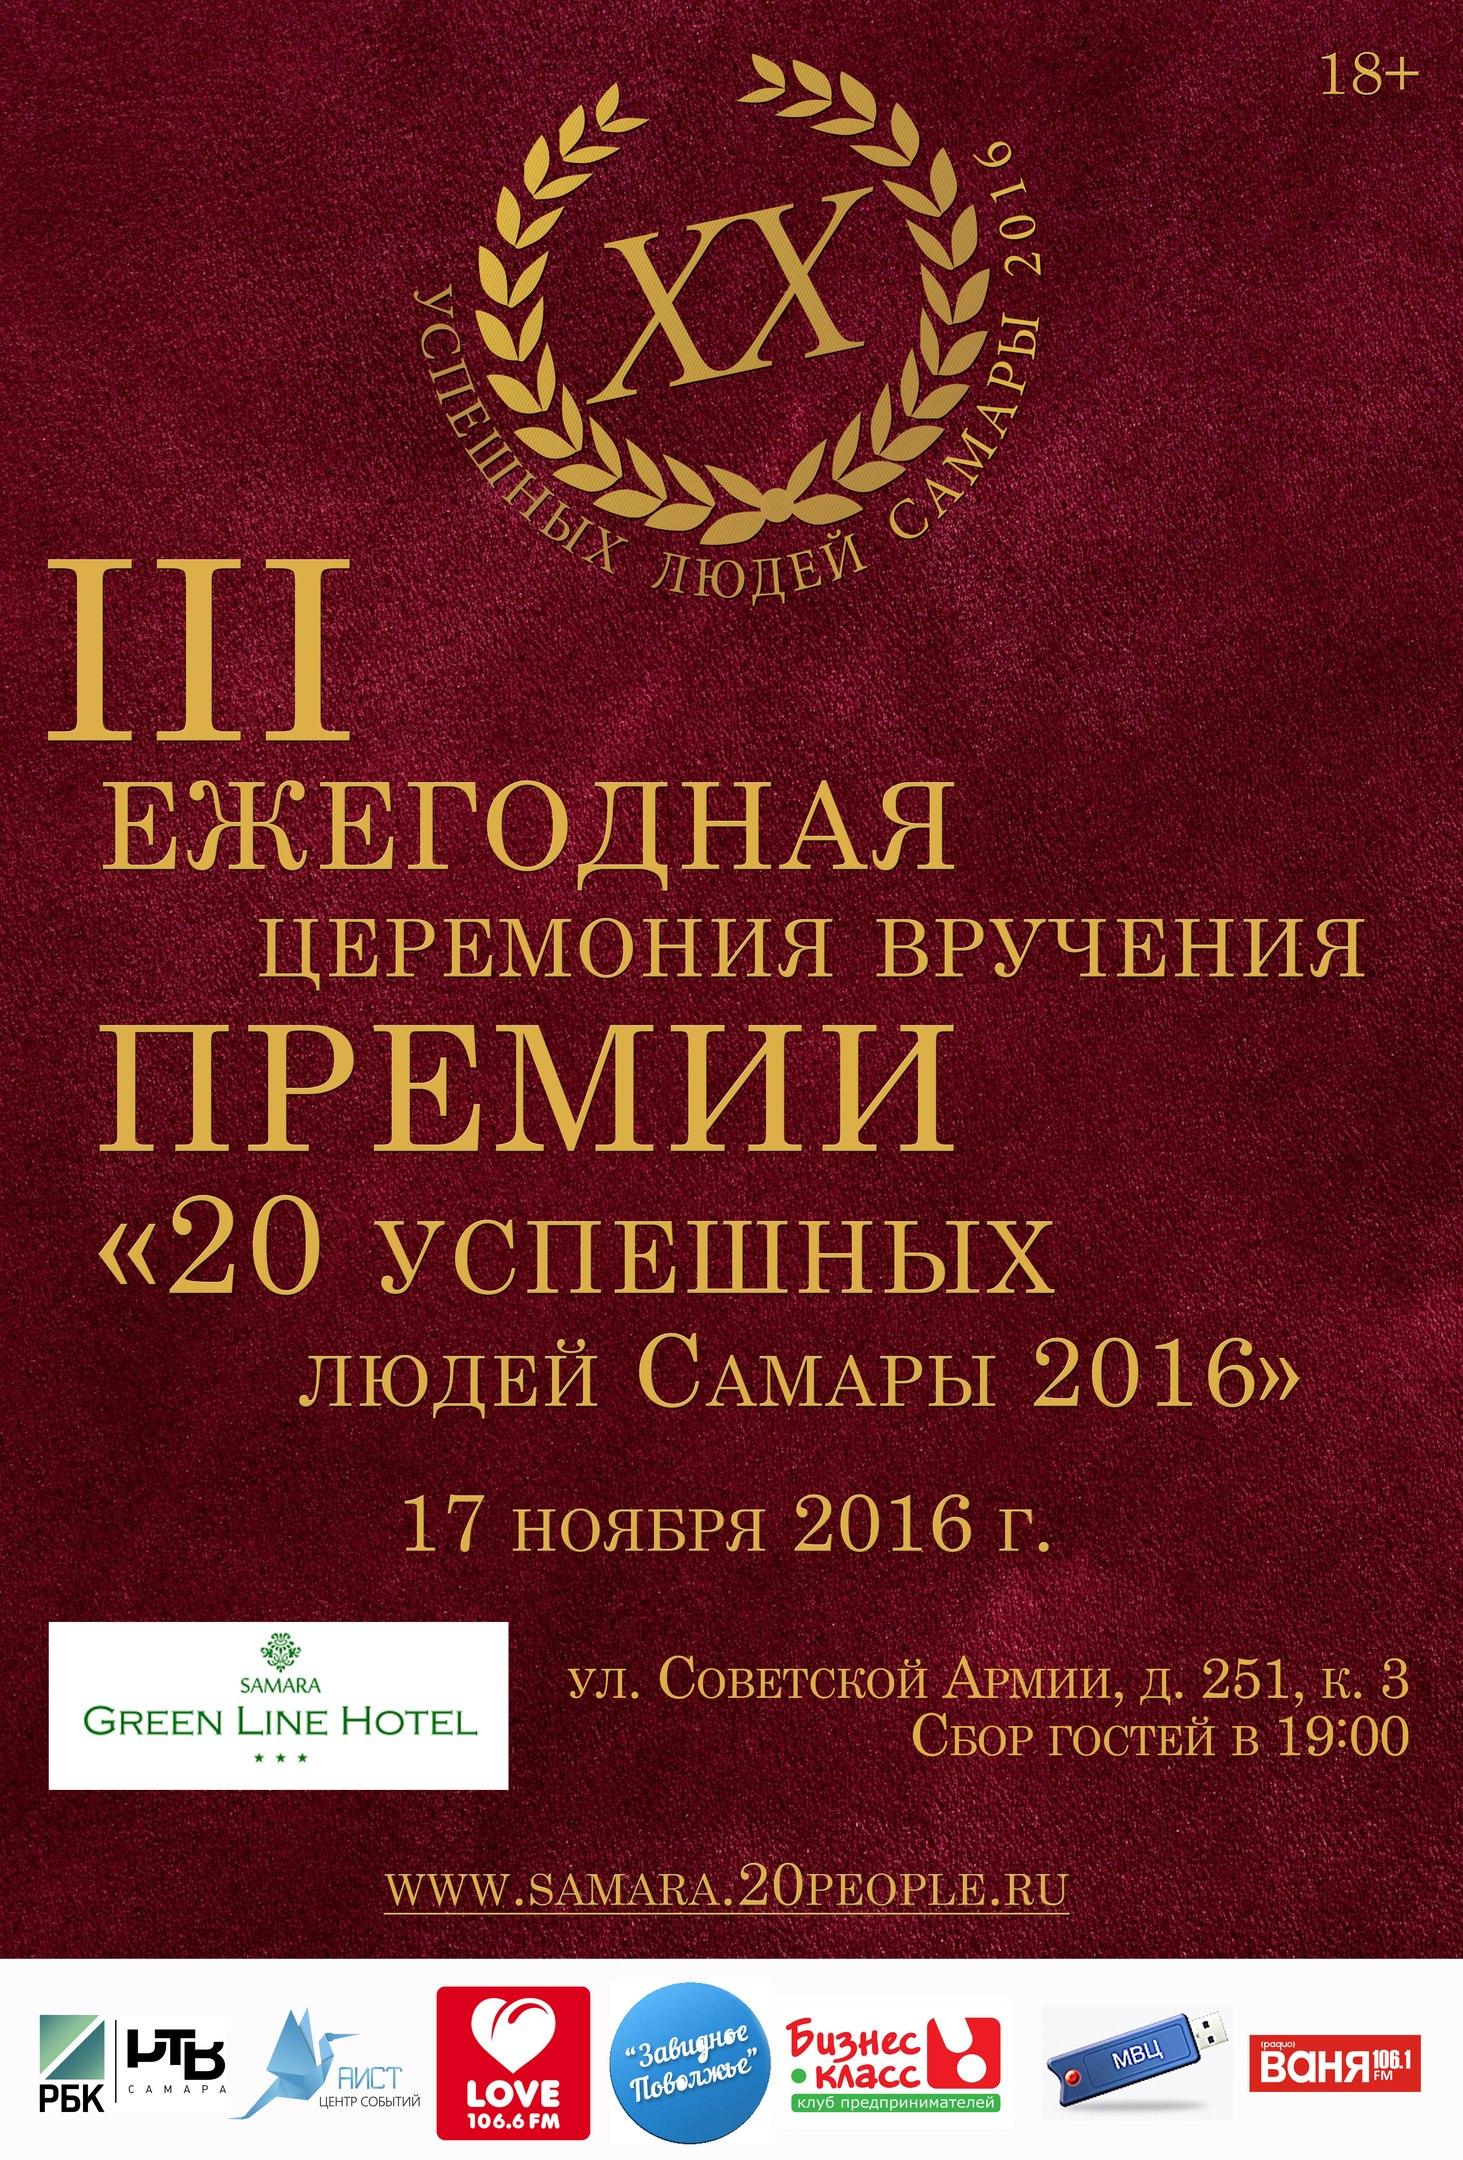 премия 20 успешных людей Самары 2016